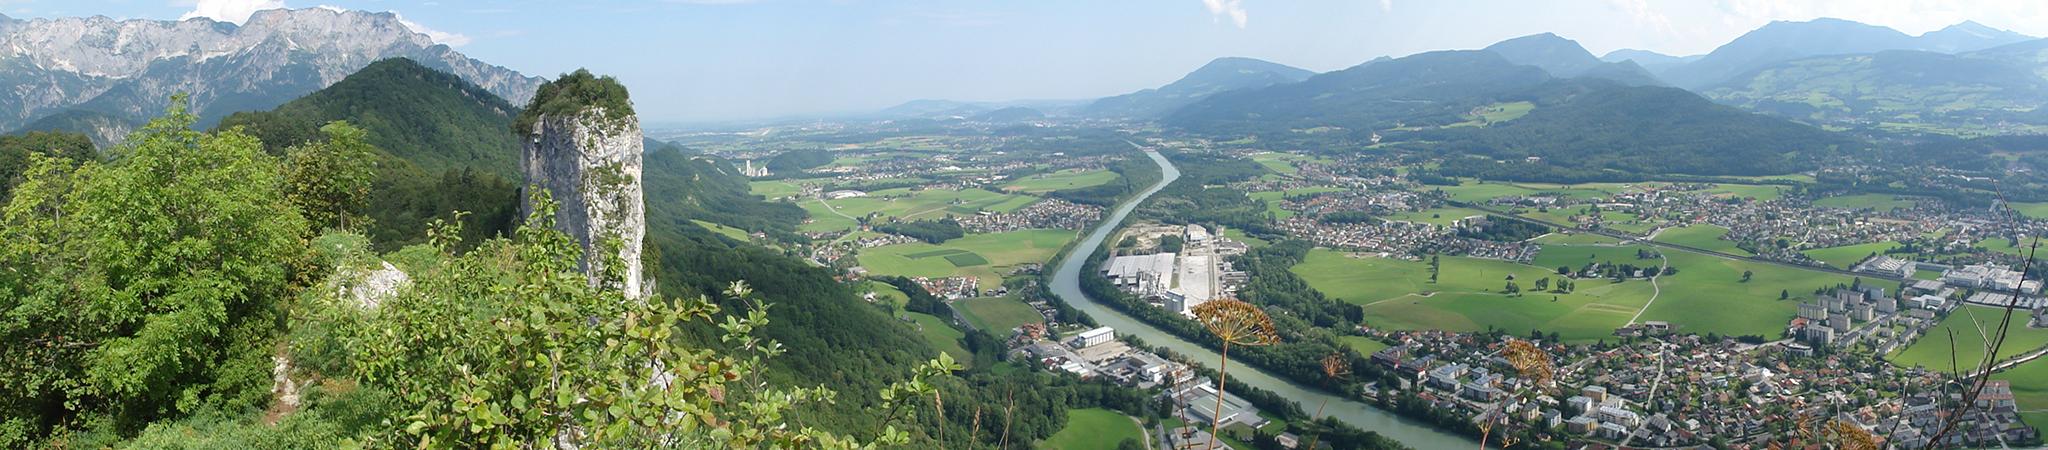 Arnoweg: Ausblick vom Kleinen auf den Großen Barmstein bei Hallein mit Blick über das Salzachtal Richtung Salzburg